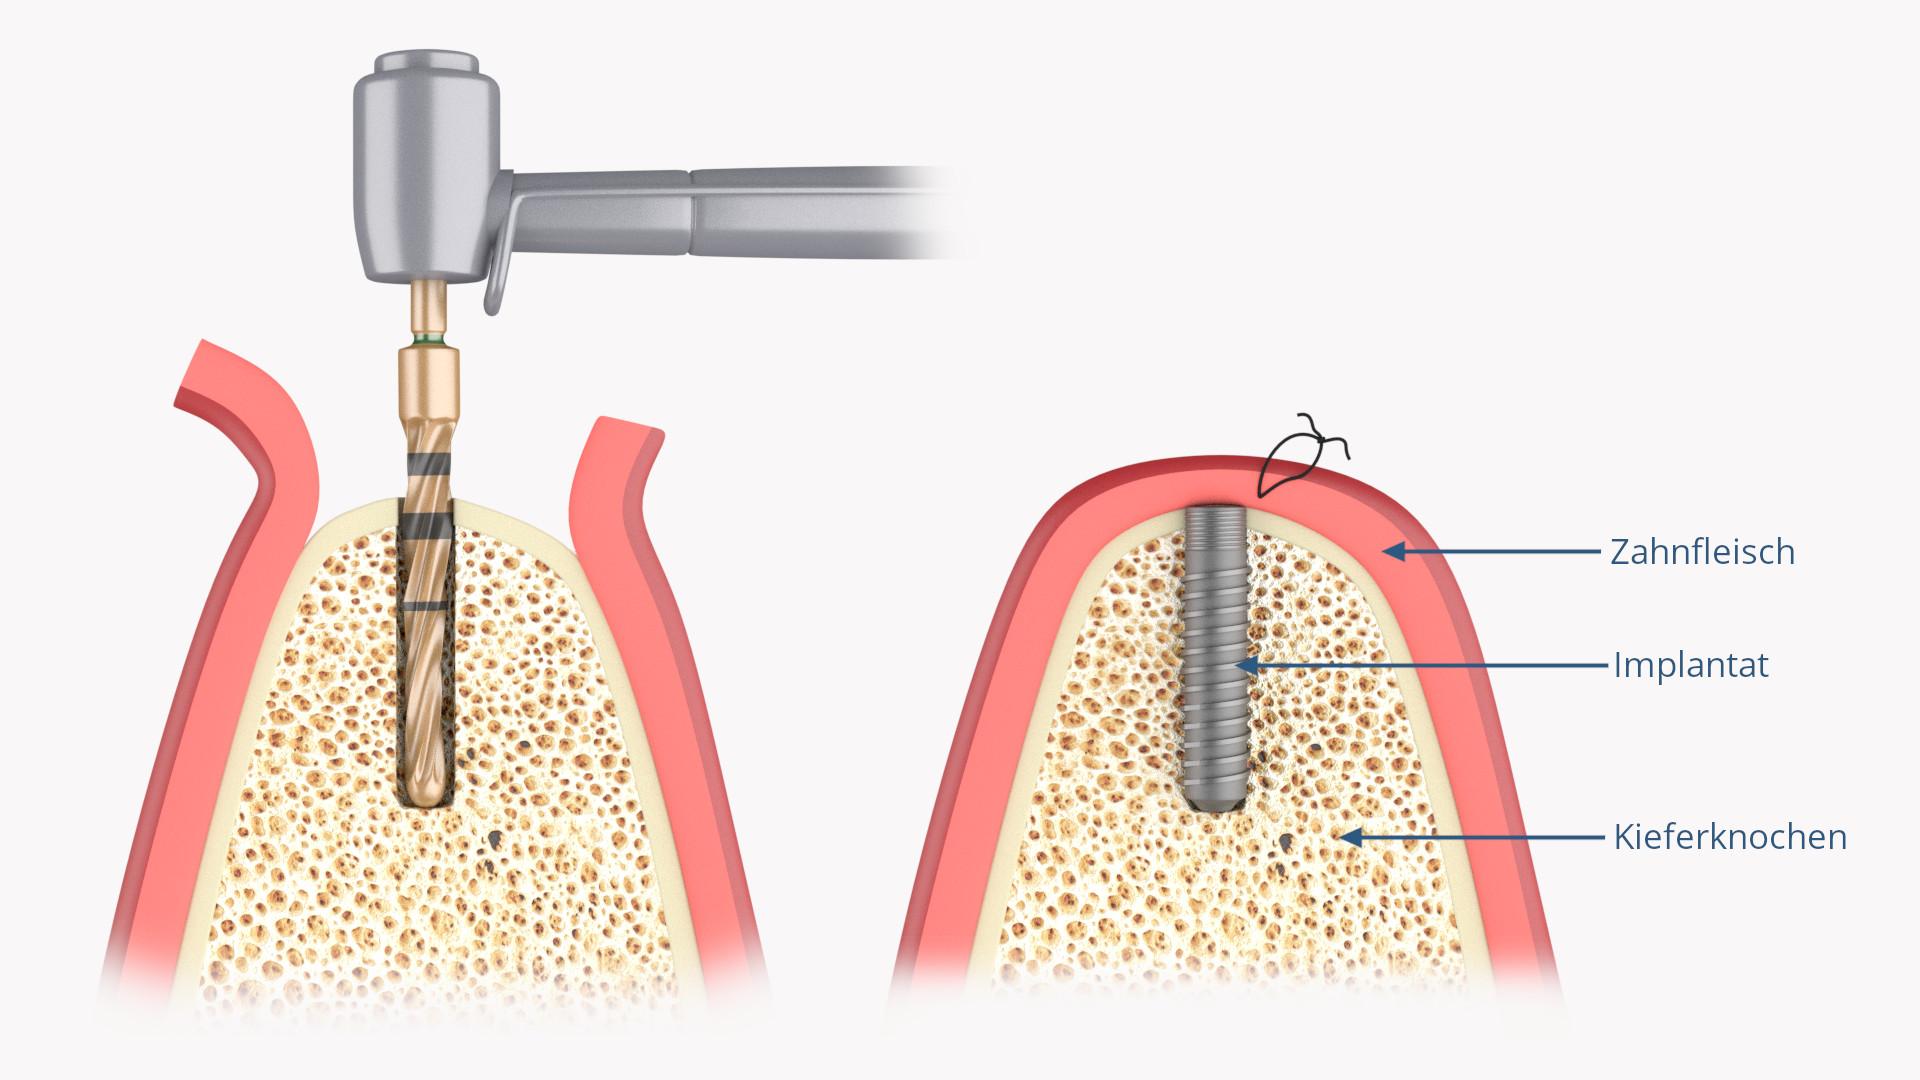 Zahnimplantat (rotationssymetrischer Implantatkörper implantiert)